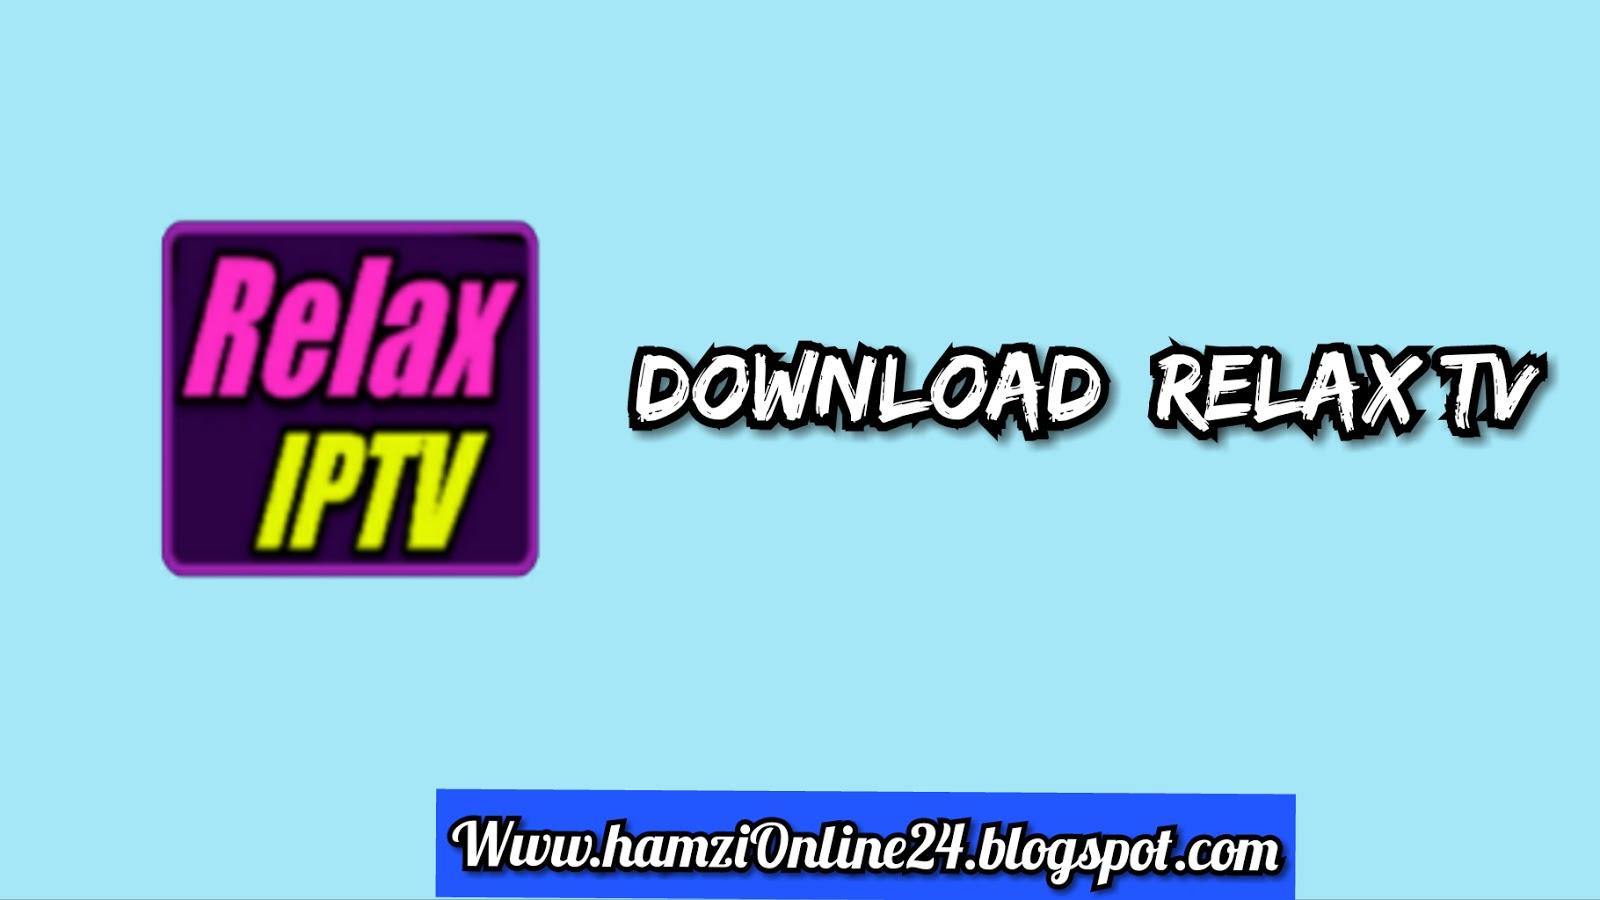 Download RELAX TV X app | HamziOnline24 - Hamza Online 24